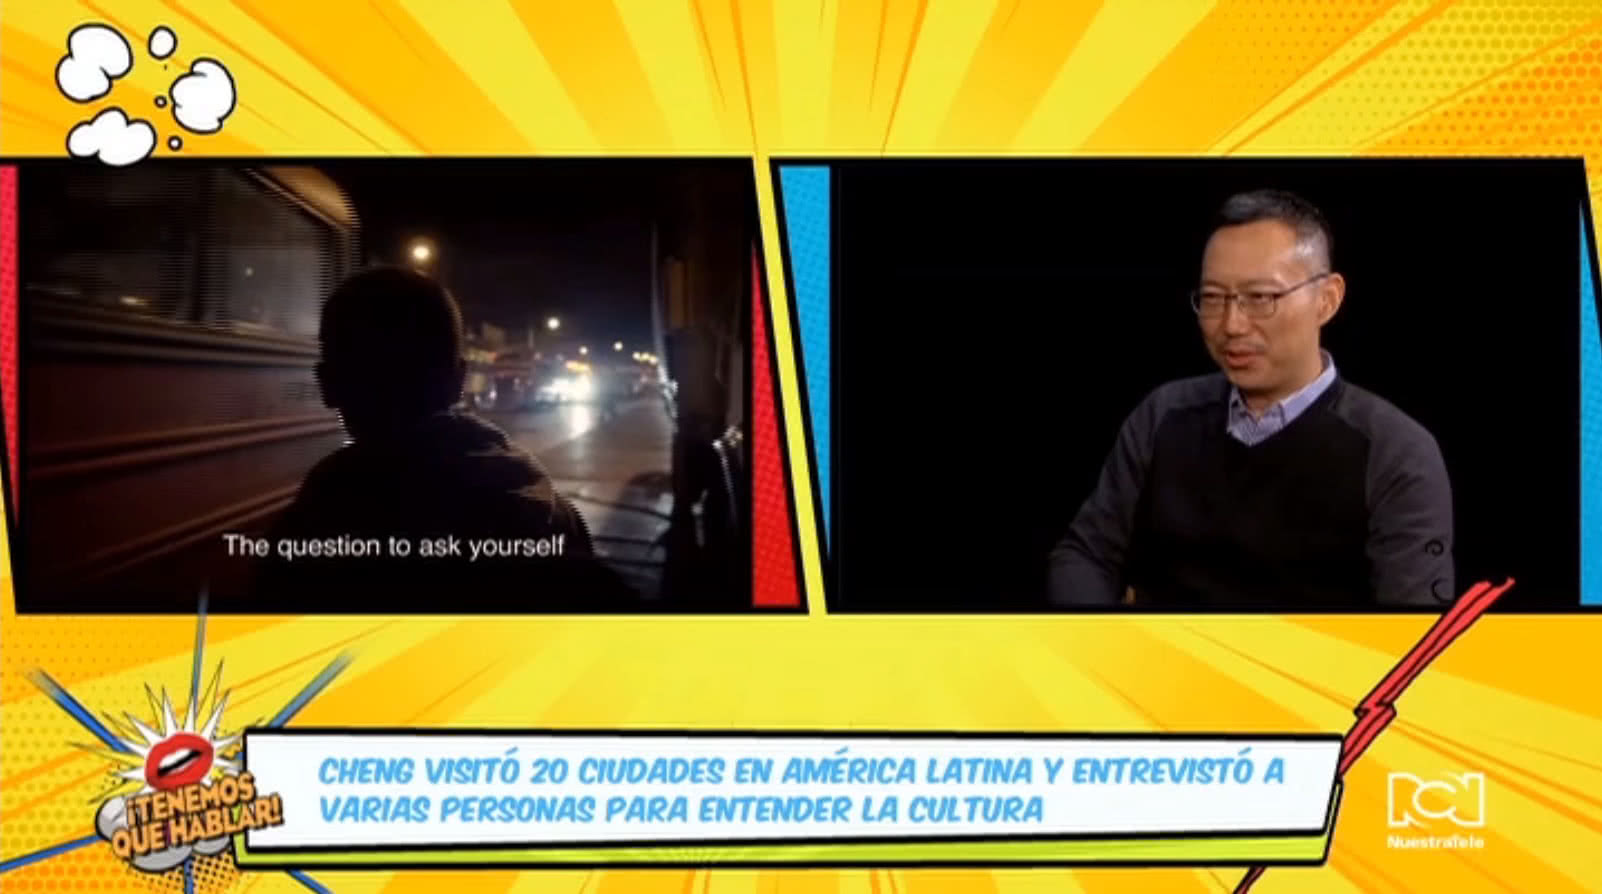 Tras triunfar en el Festival Internacional de Cine de Venecia llegó a Estados Unidos la película 'José' del realizador Li Cheng